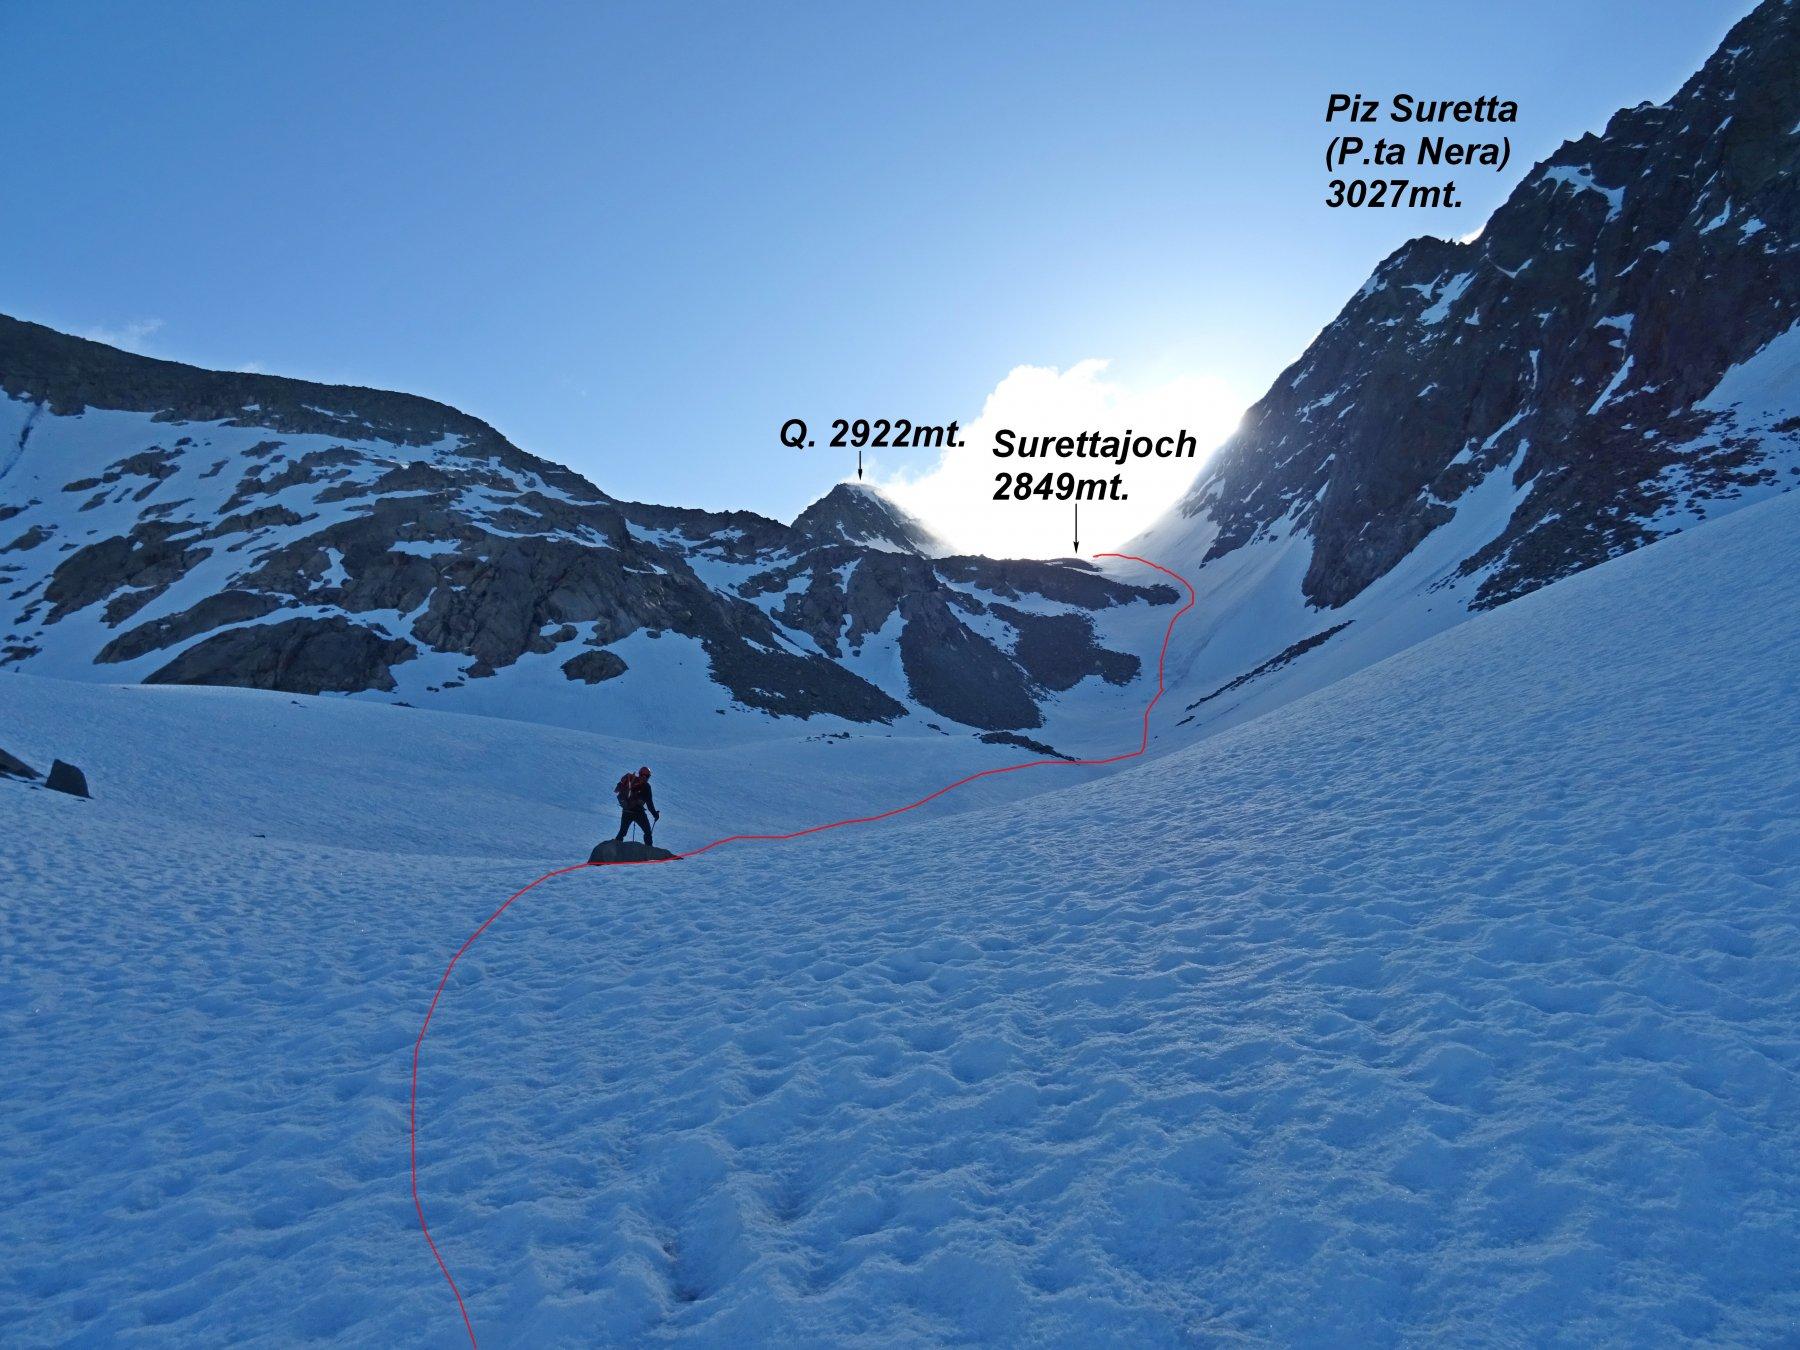 In rosso la traccia di salita verso  sul terzo risalto nevoso che porta al Surettajoch,